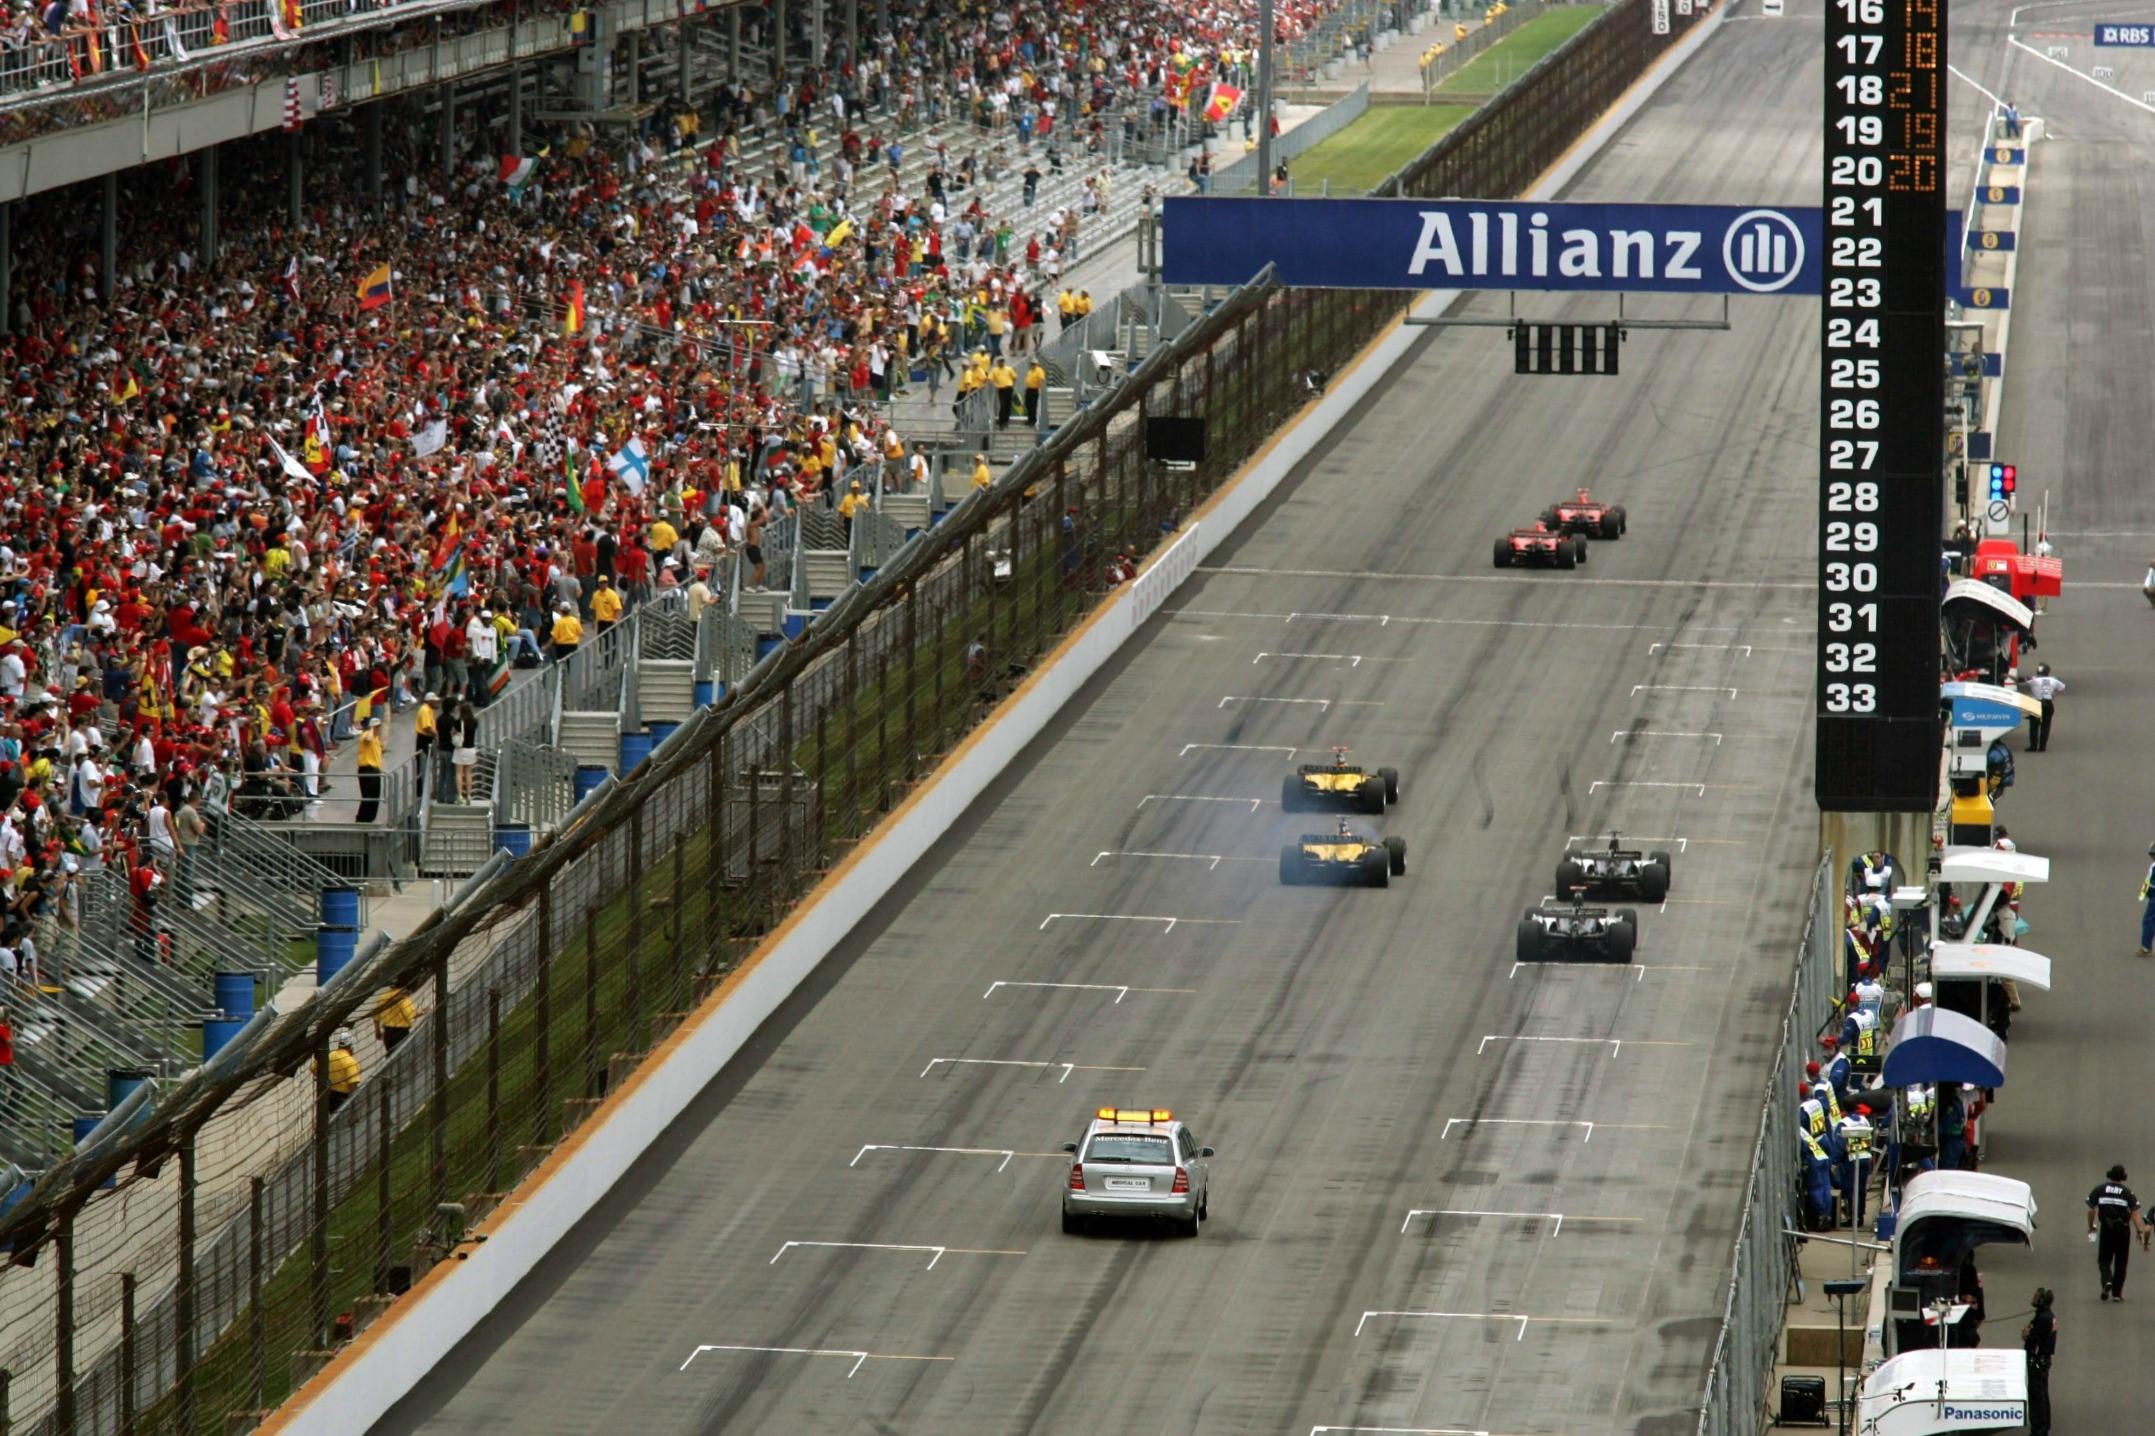 Le départ du Grand Prix des Etats-Unis d'Amérique 2005